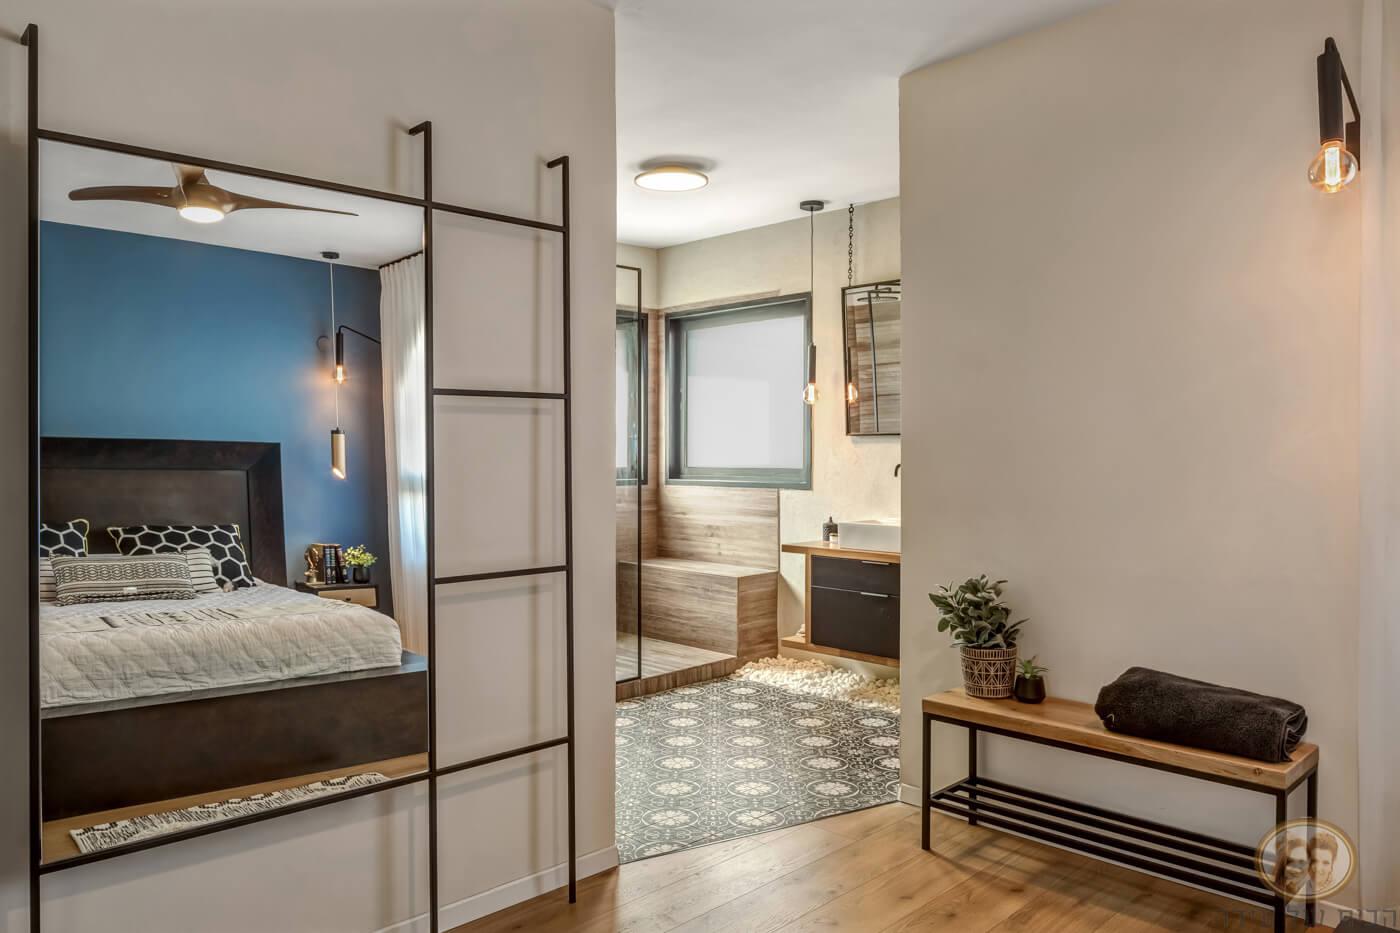 חדר רחצה פתוח בחדר שינה